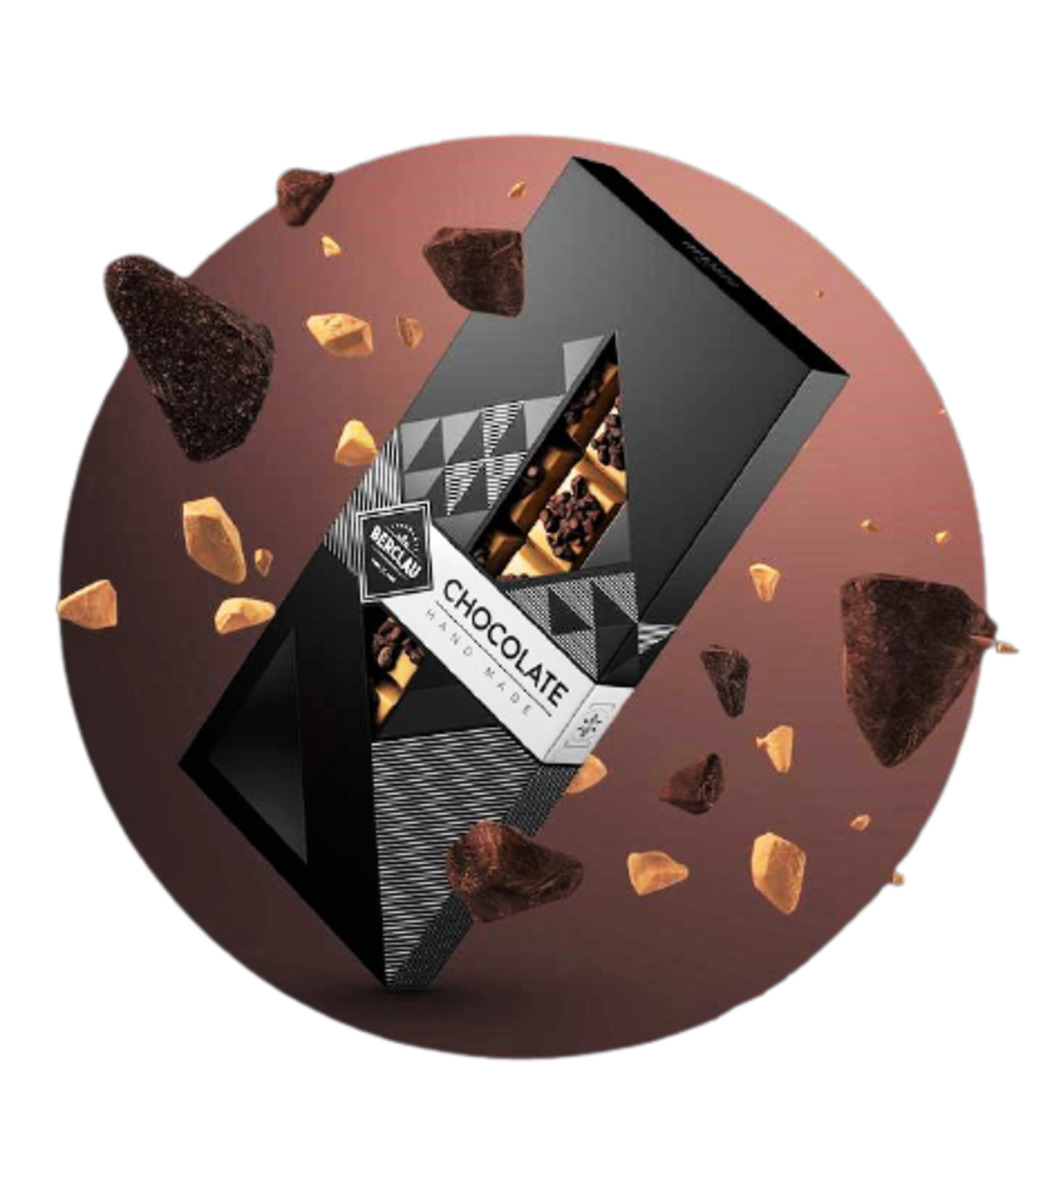 Chocolate Dulcey Berclau